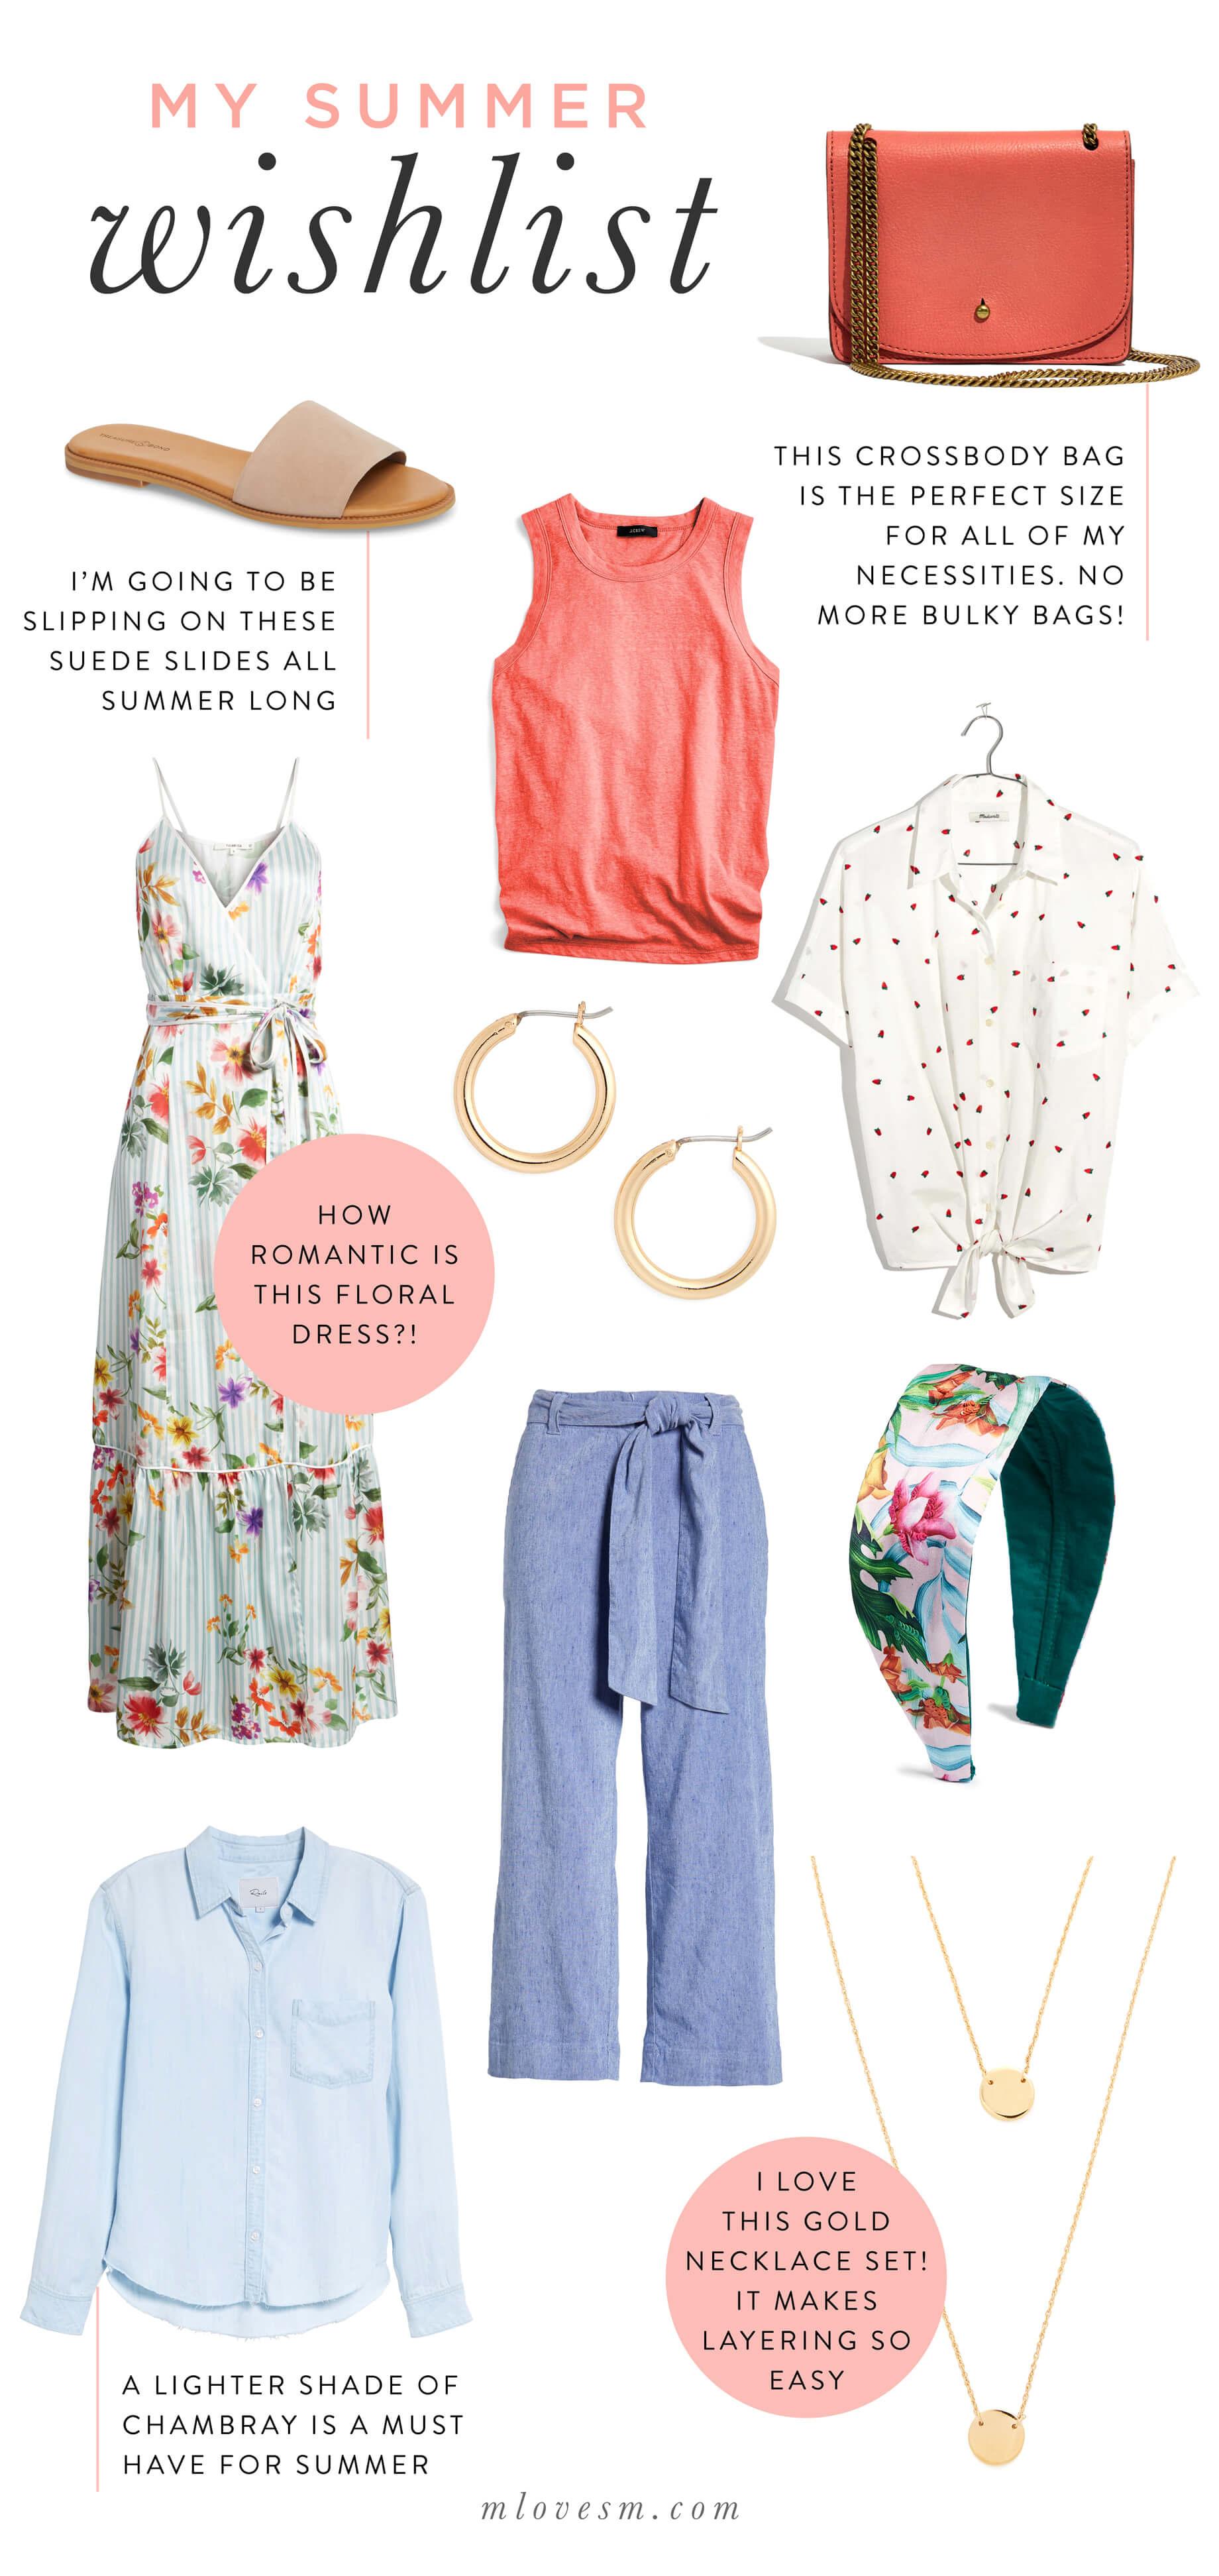 0fe3d9779661e My Summer Trends Wishlist | M Loves M | Bloglovin'